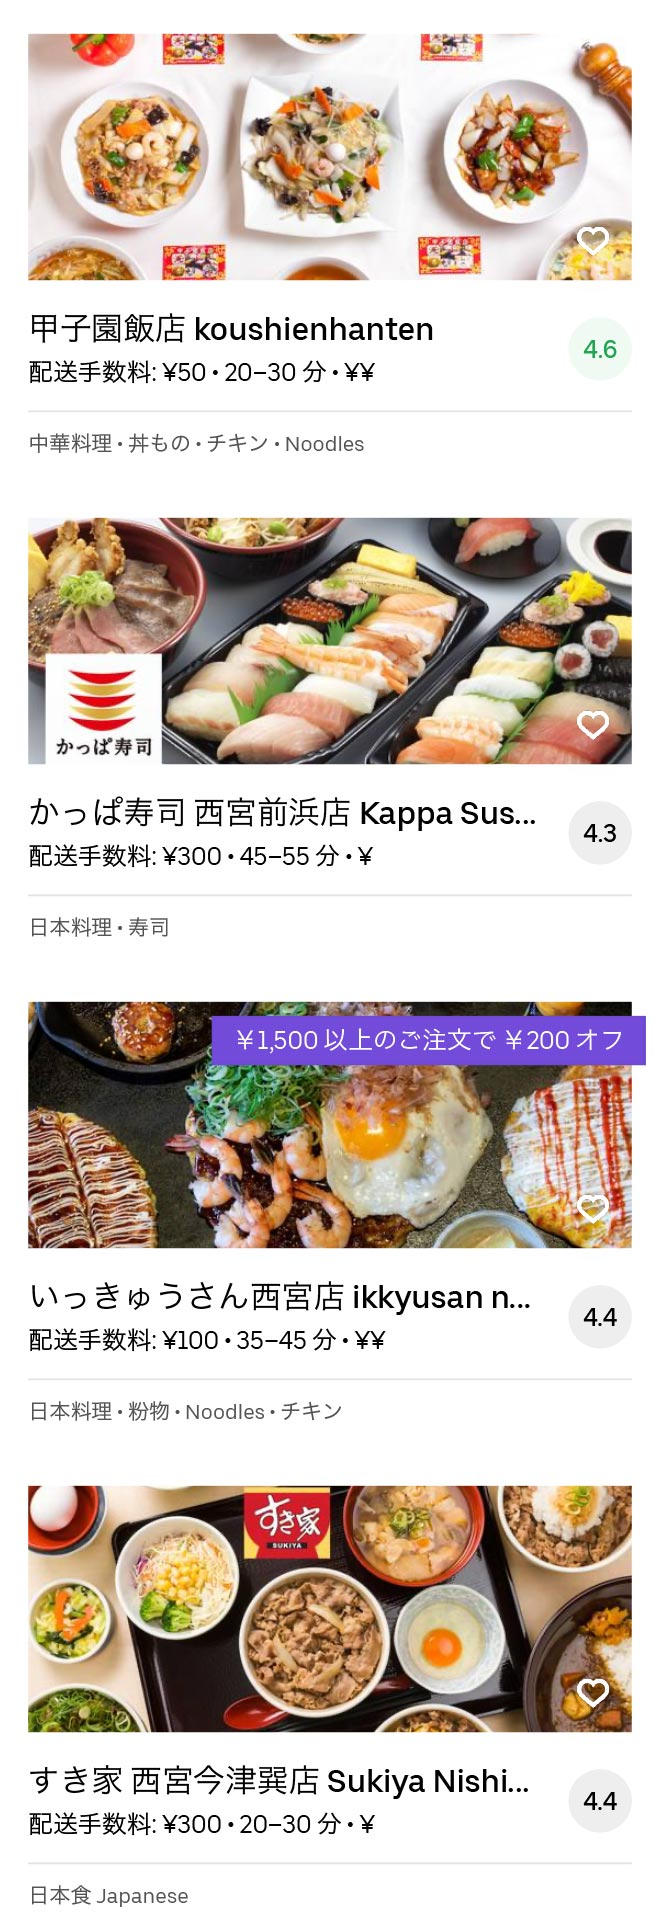 Nishinomiya koshien menu 2005 08